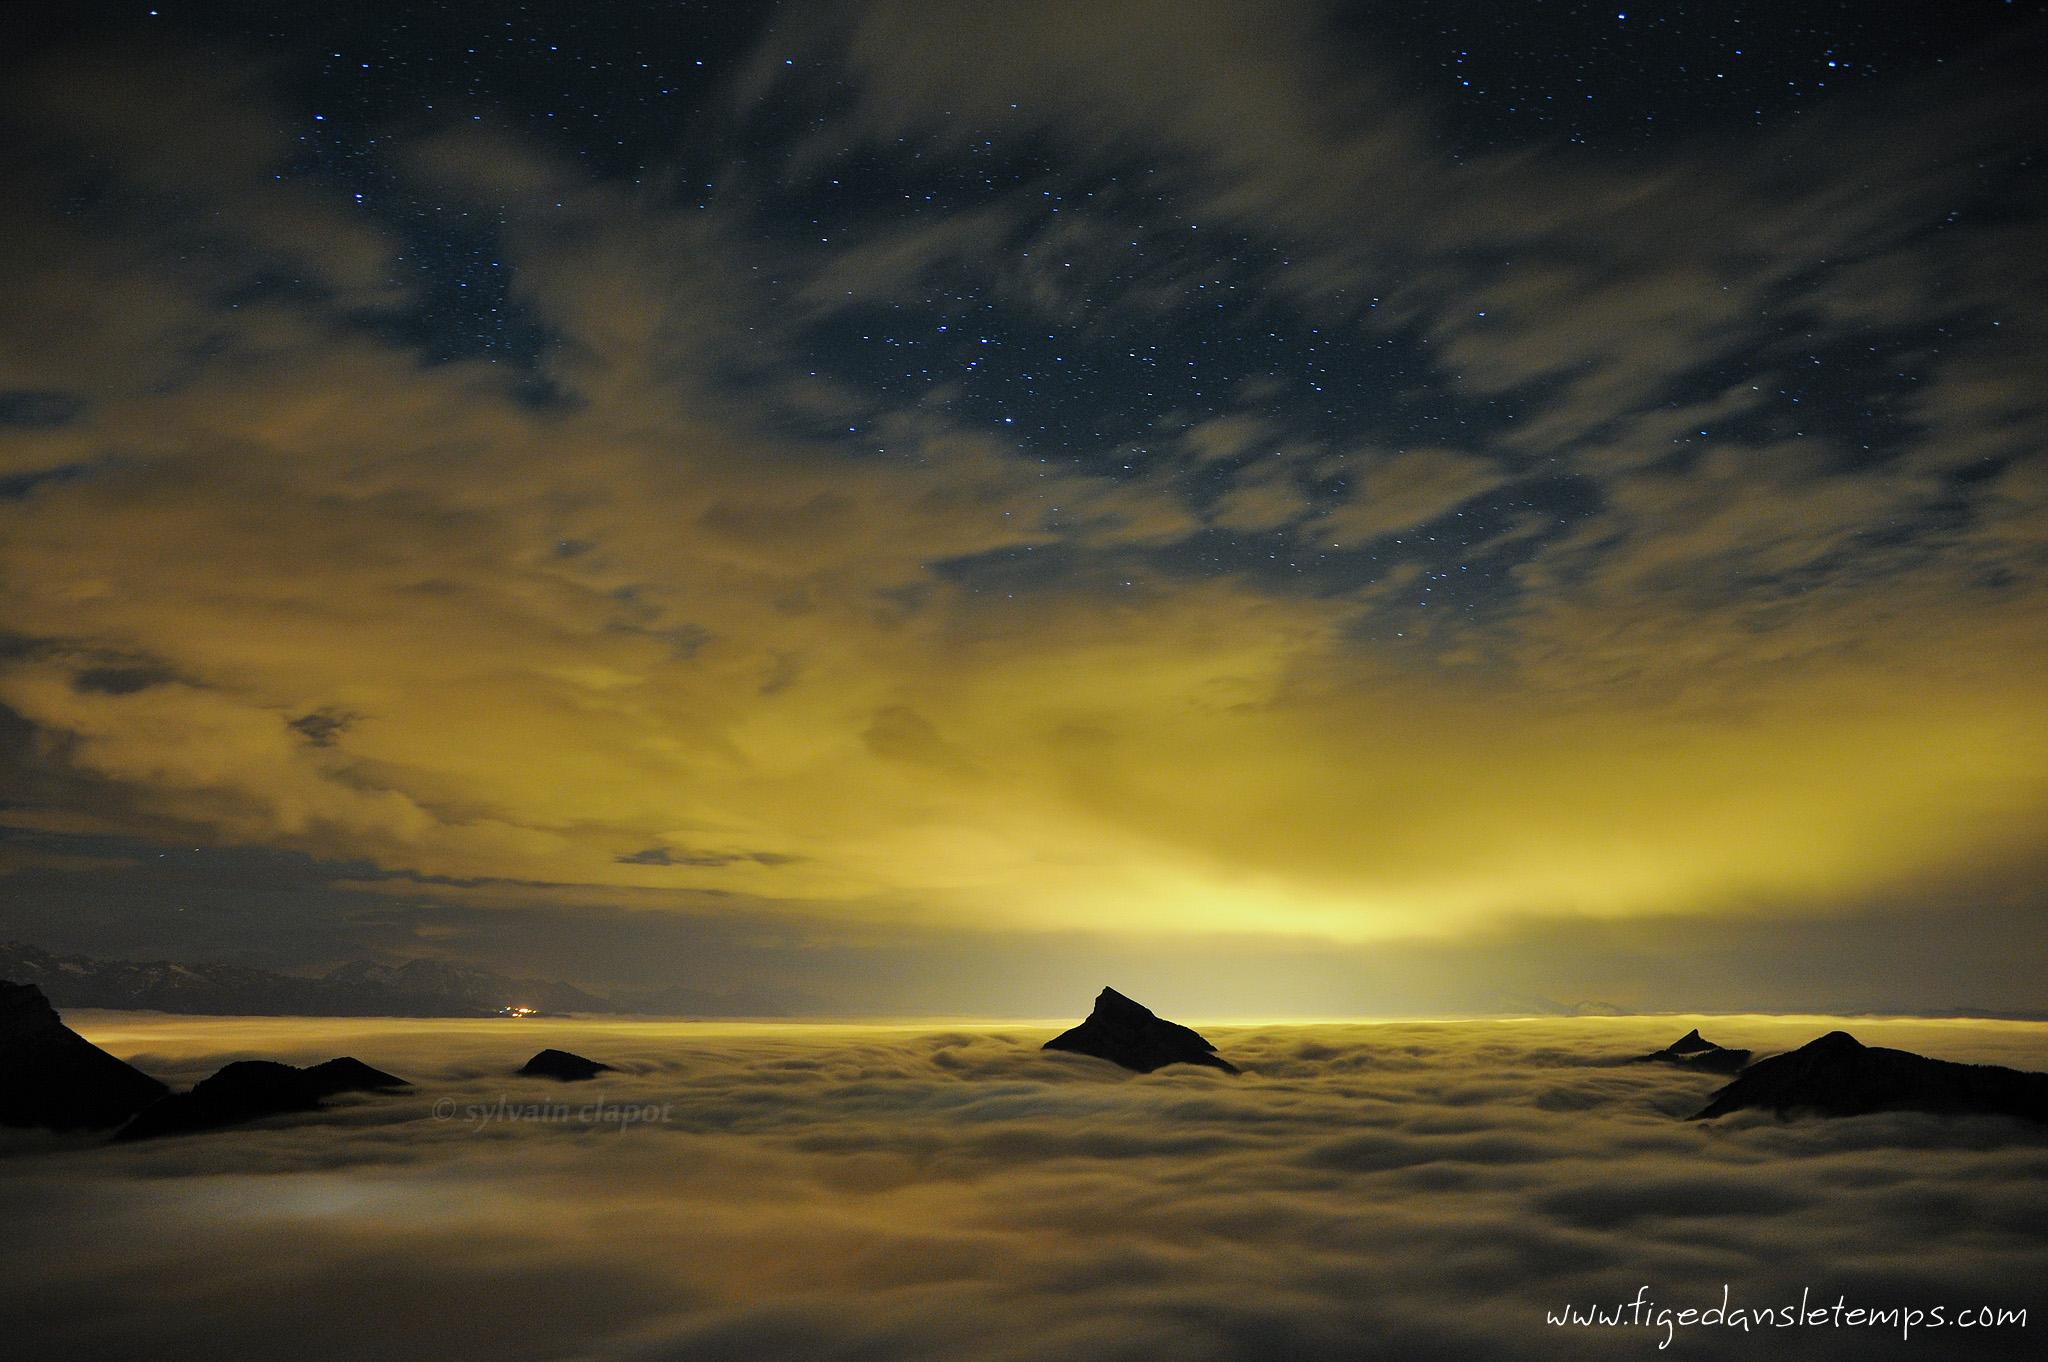 [Article] Paysage nocturne (étoiles fixes) DSC_6885